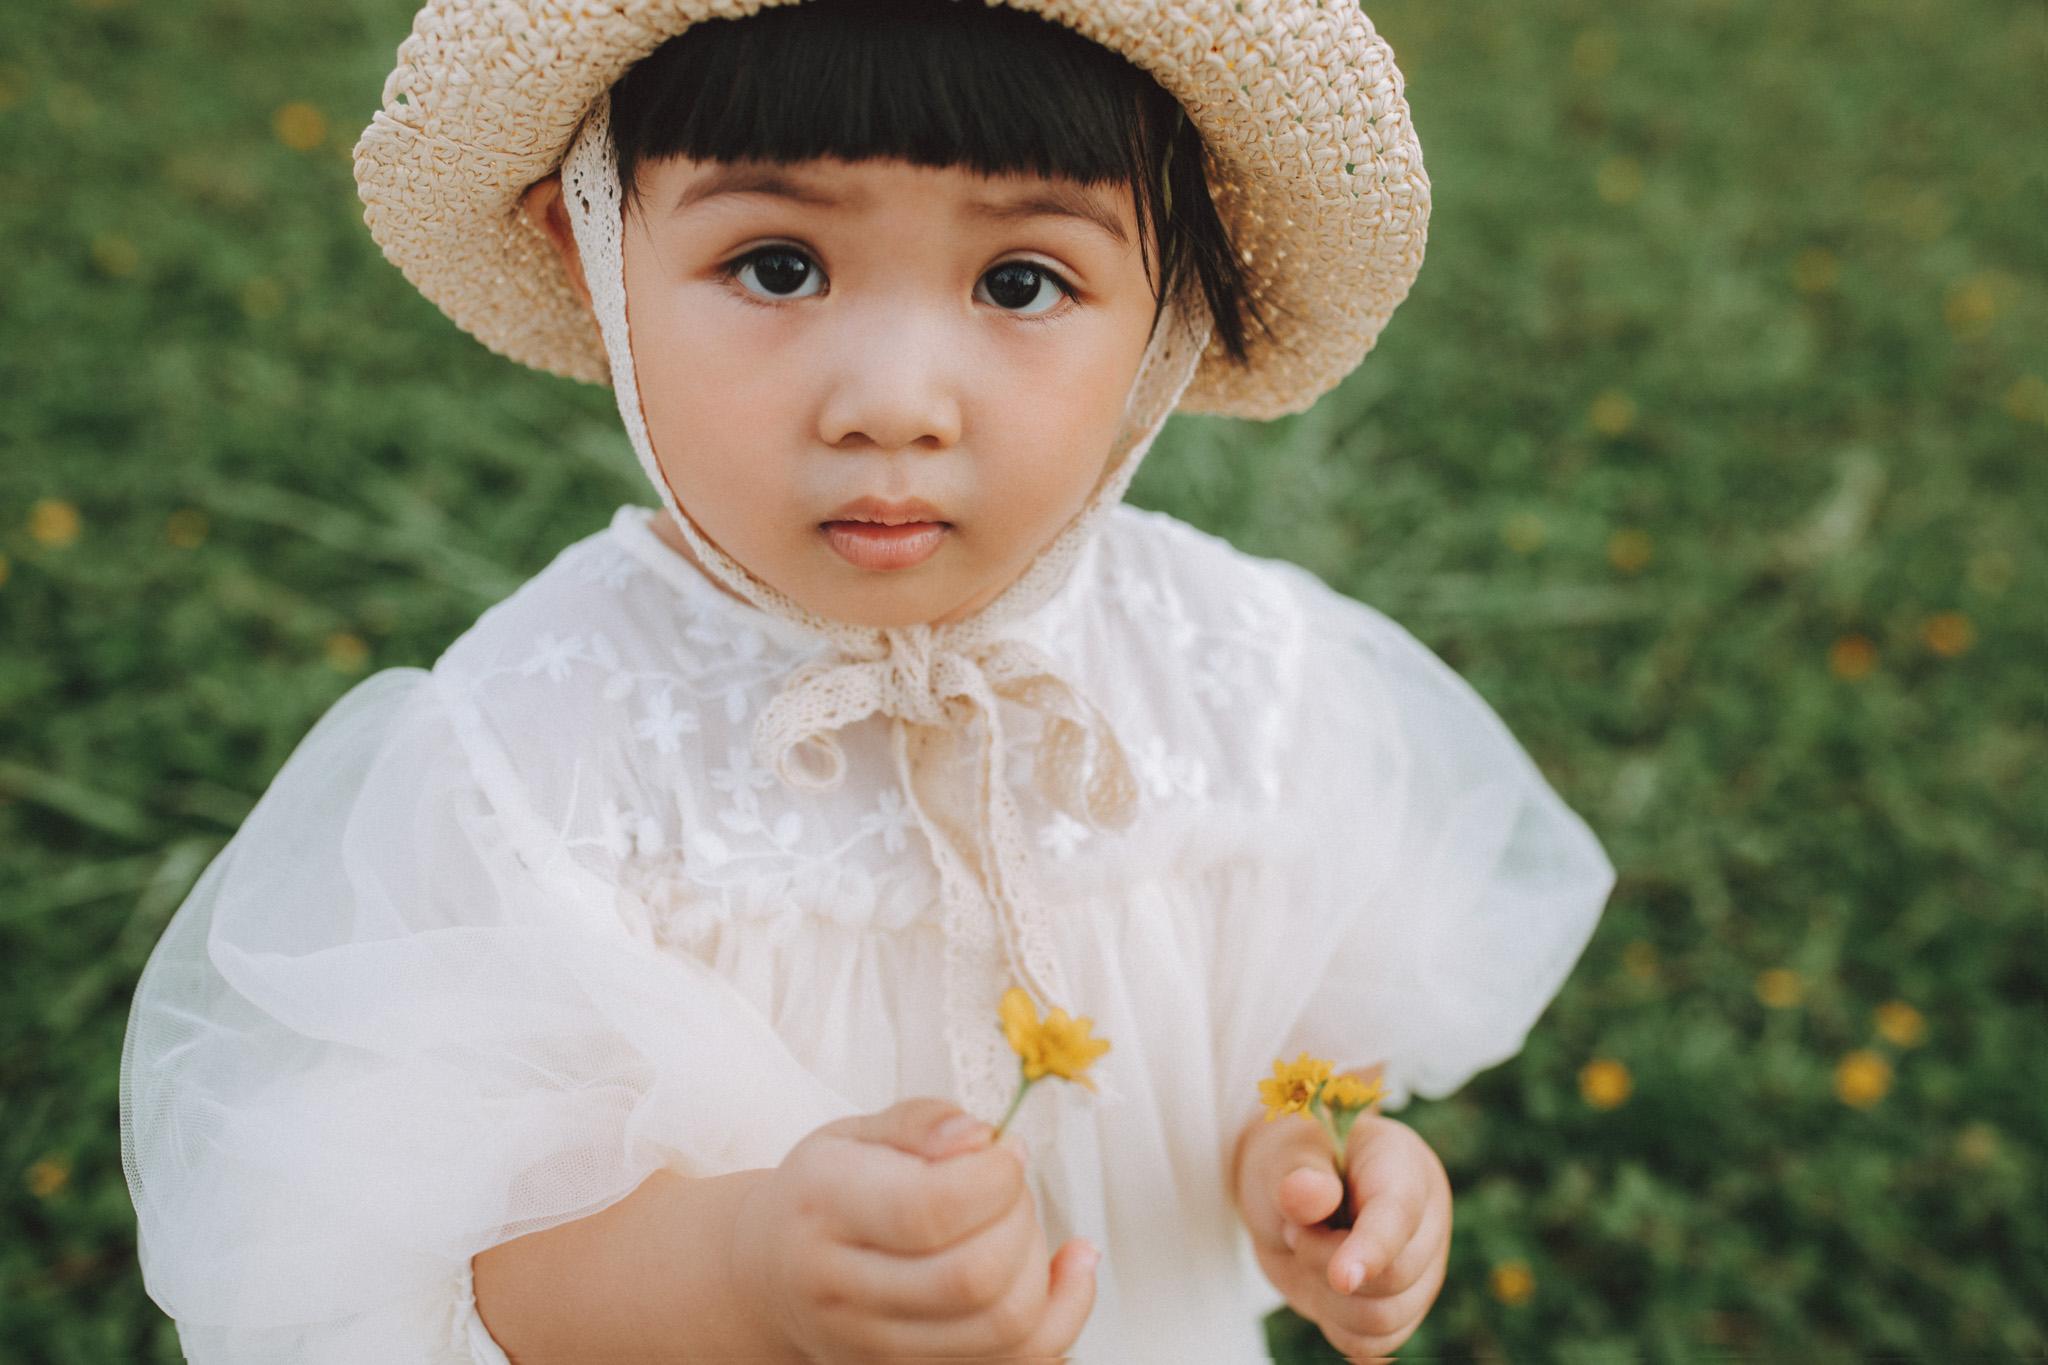 Địa điểm chụp ảnh Ngoại cảnh cho bé đẹp nhất tại Nha Trang